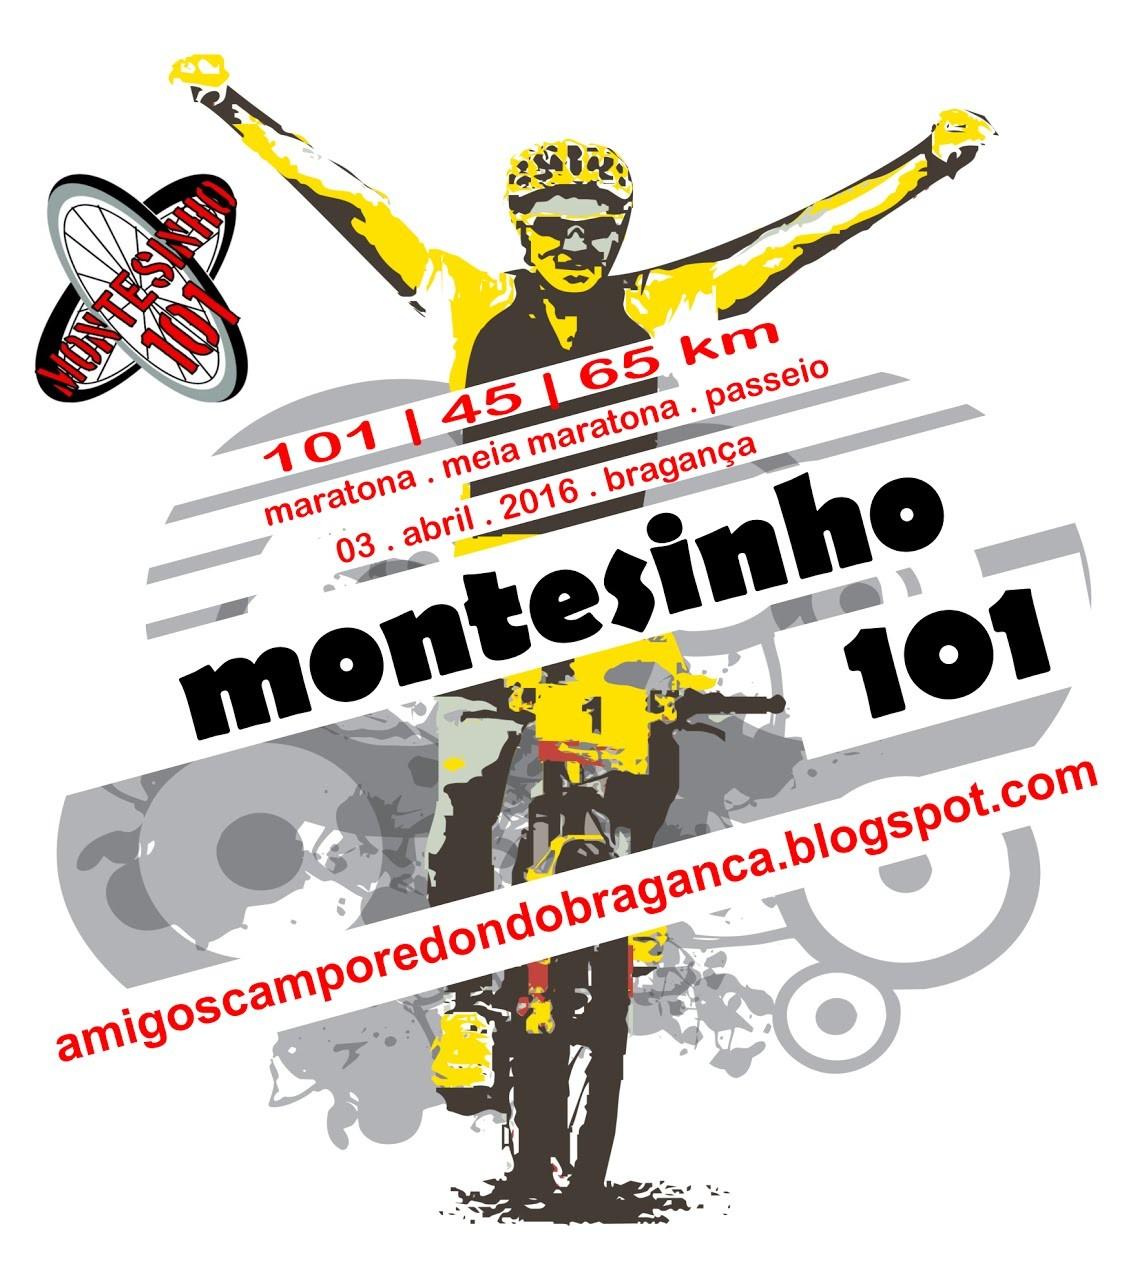 Montesinho 101 regressa ao calendário do Open.